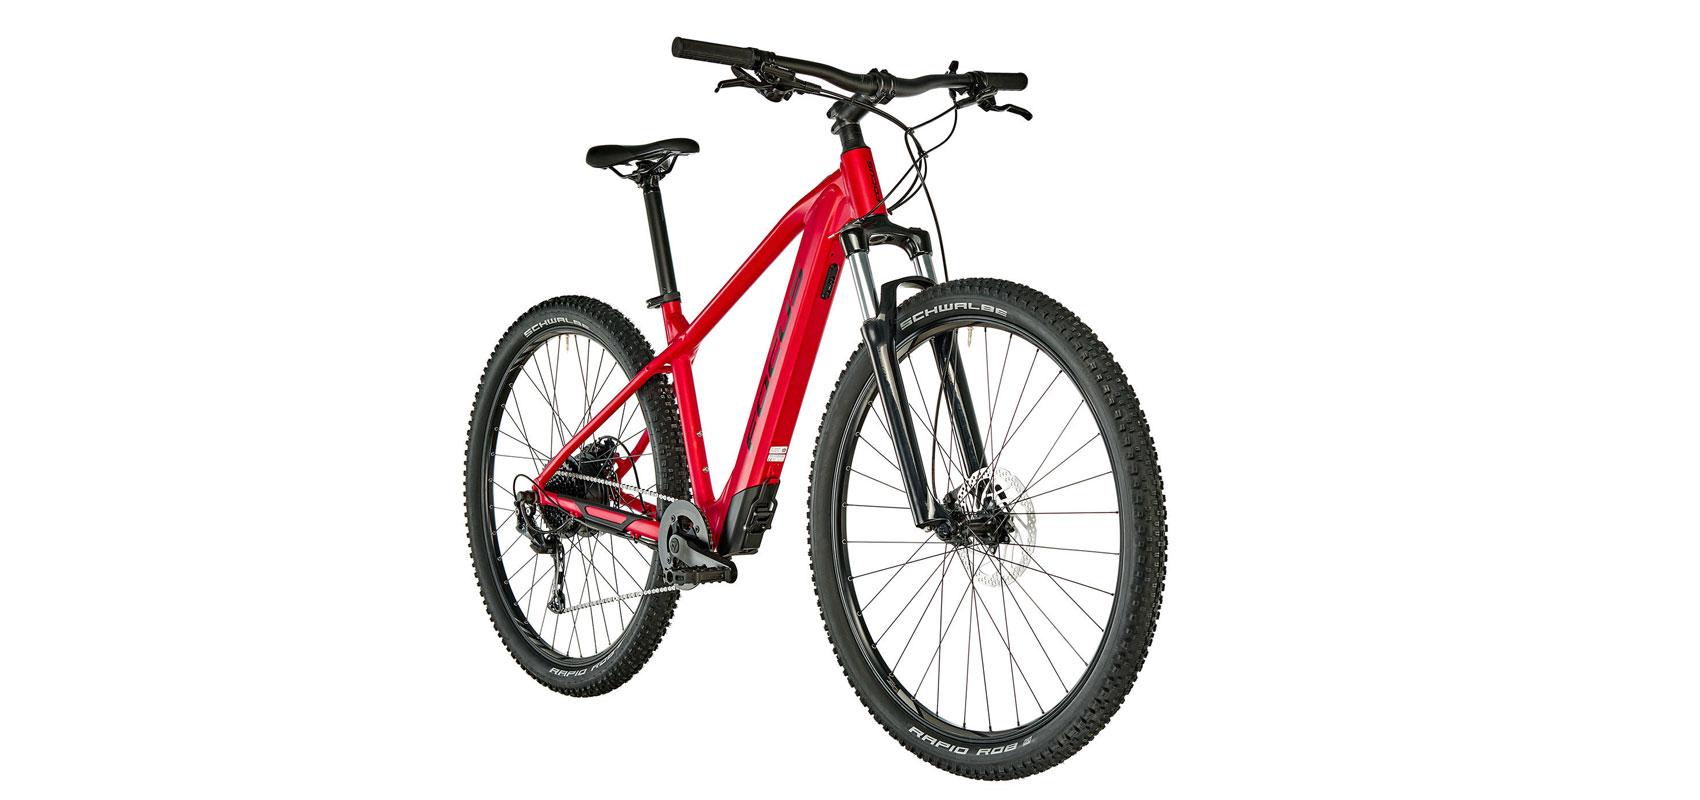 https://bikepointtenerife.com/wp-content/uploads/2019/05/focus-whistler2-6-9-29-2019-red-2.jpg